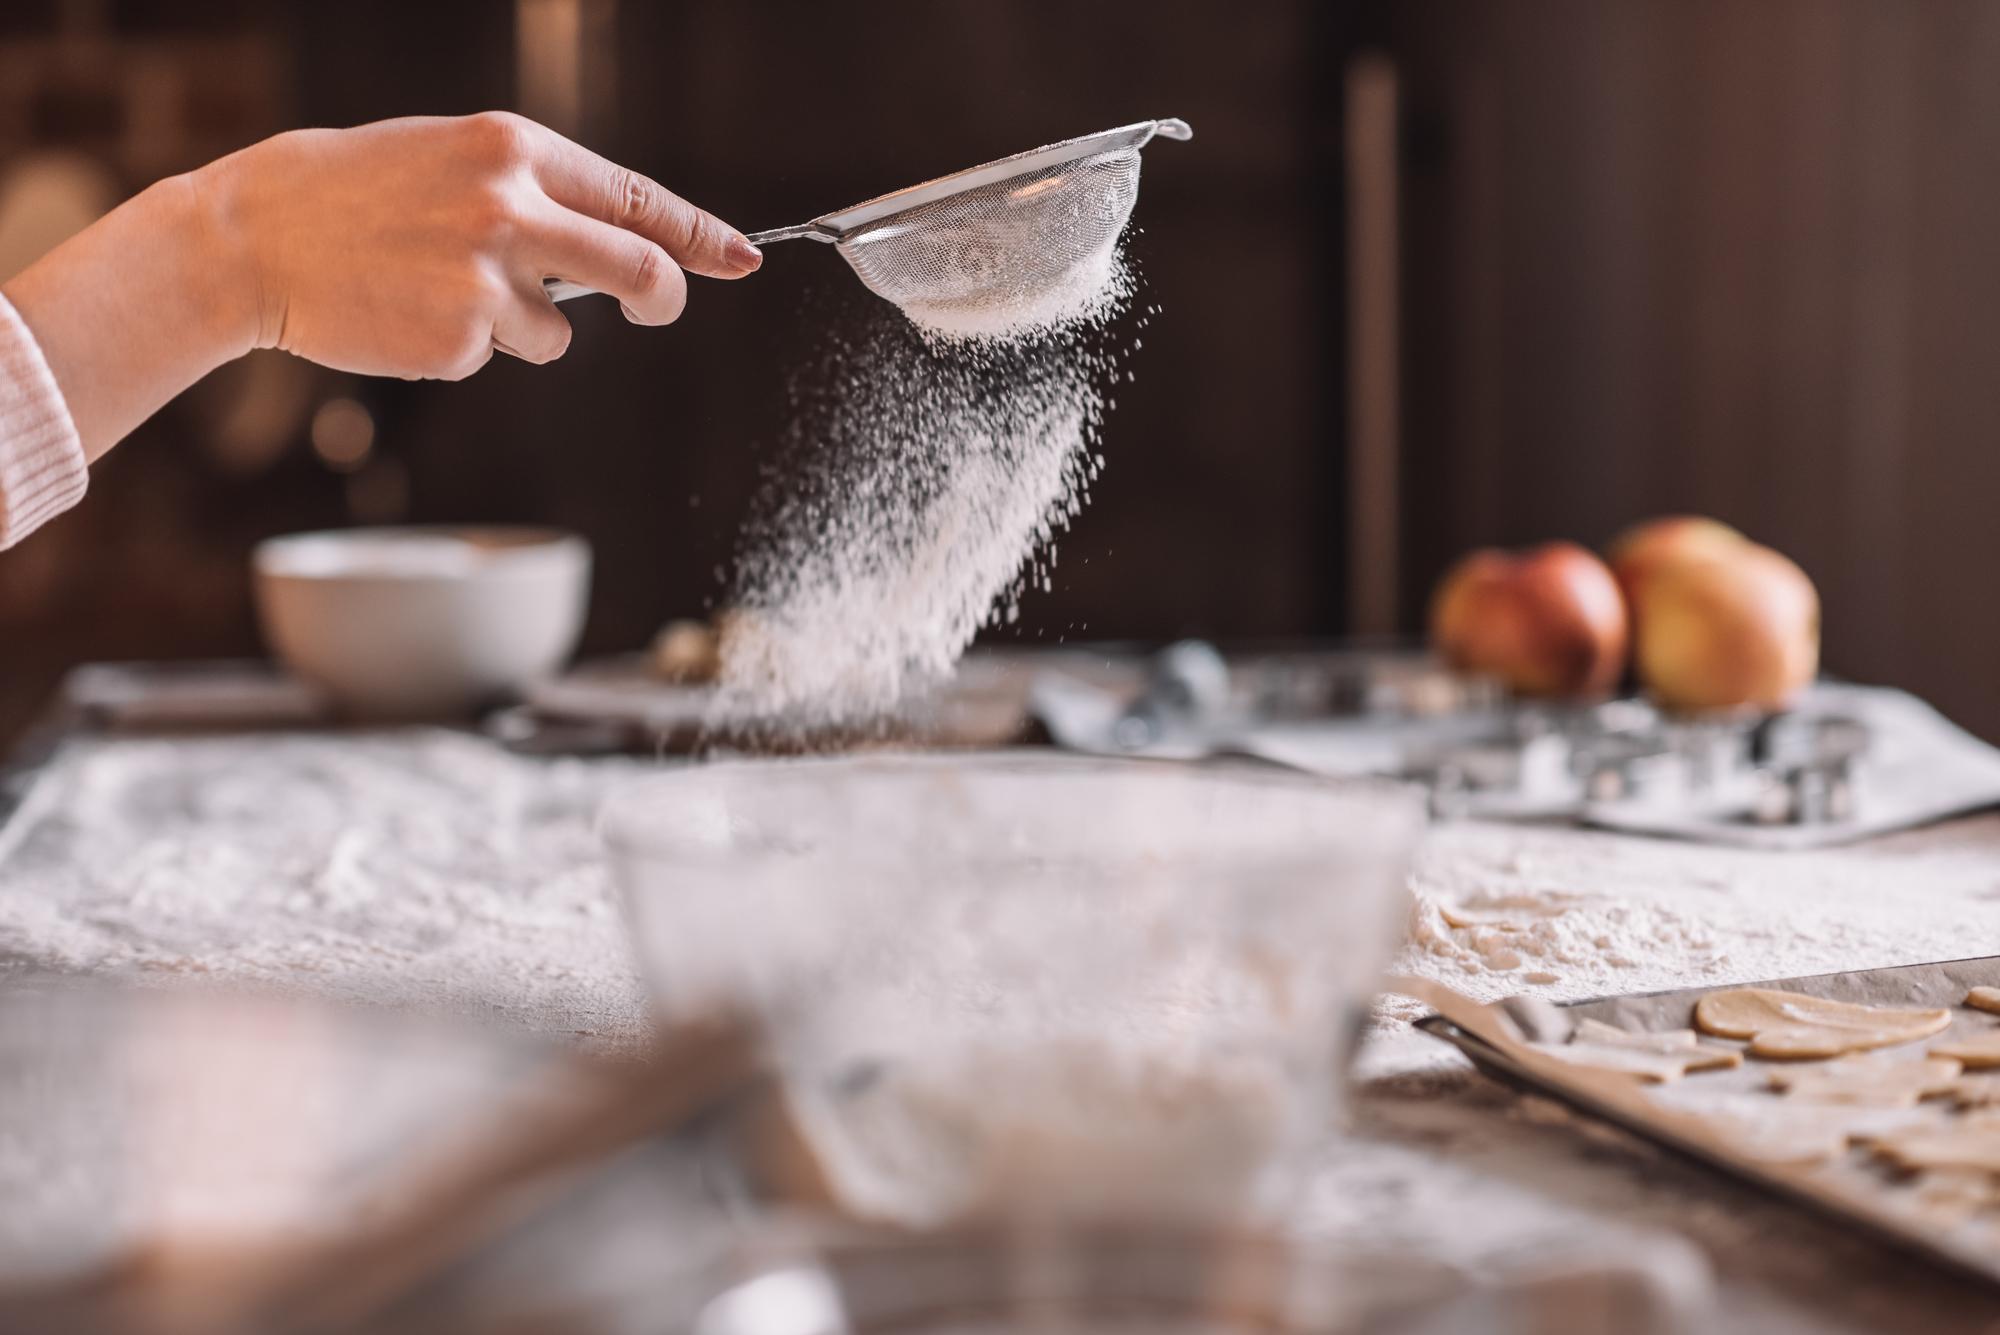 Что такое пассерование в кулинарии